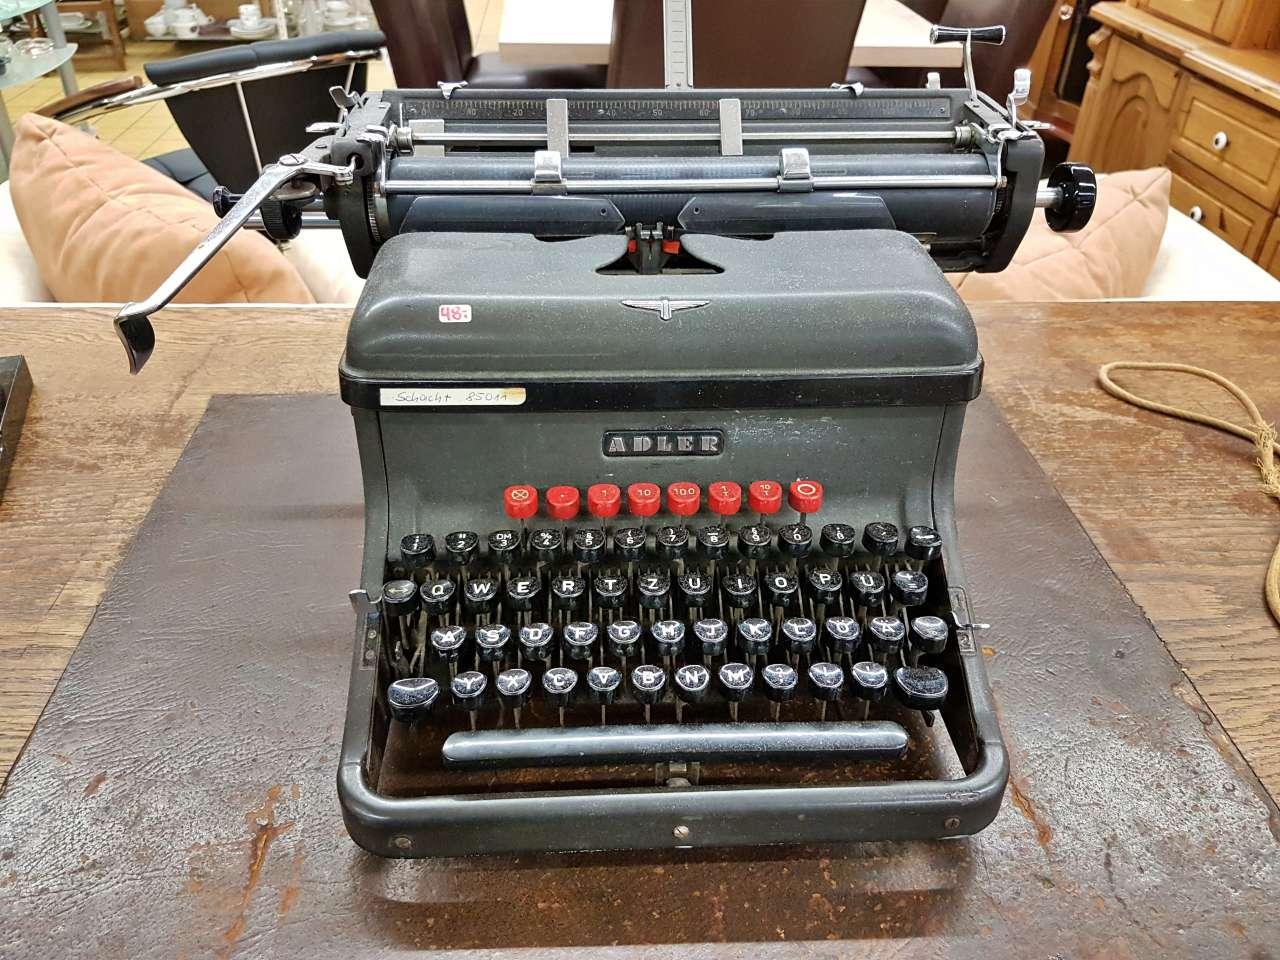 Dekoration schöner Wohnen Schreibmaschine Adler alt